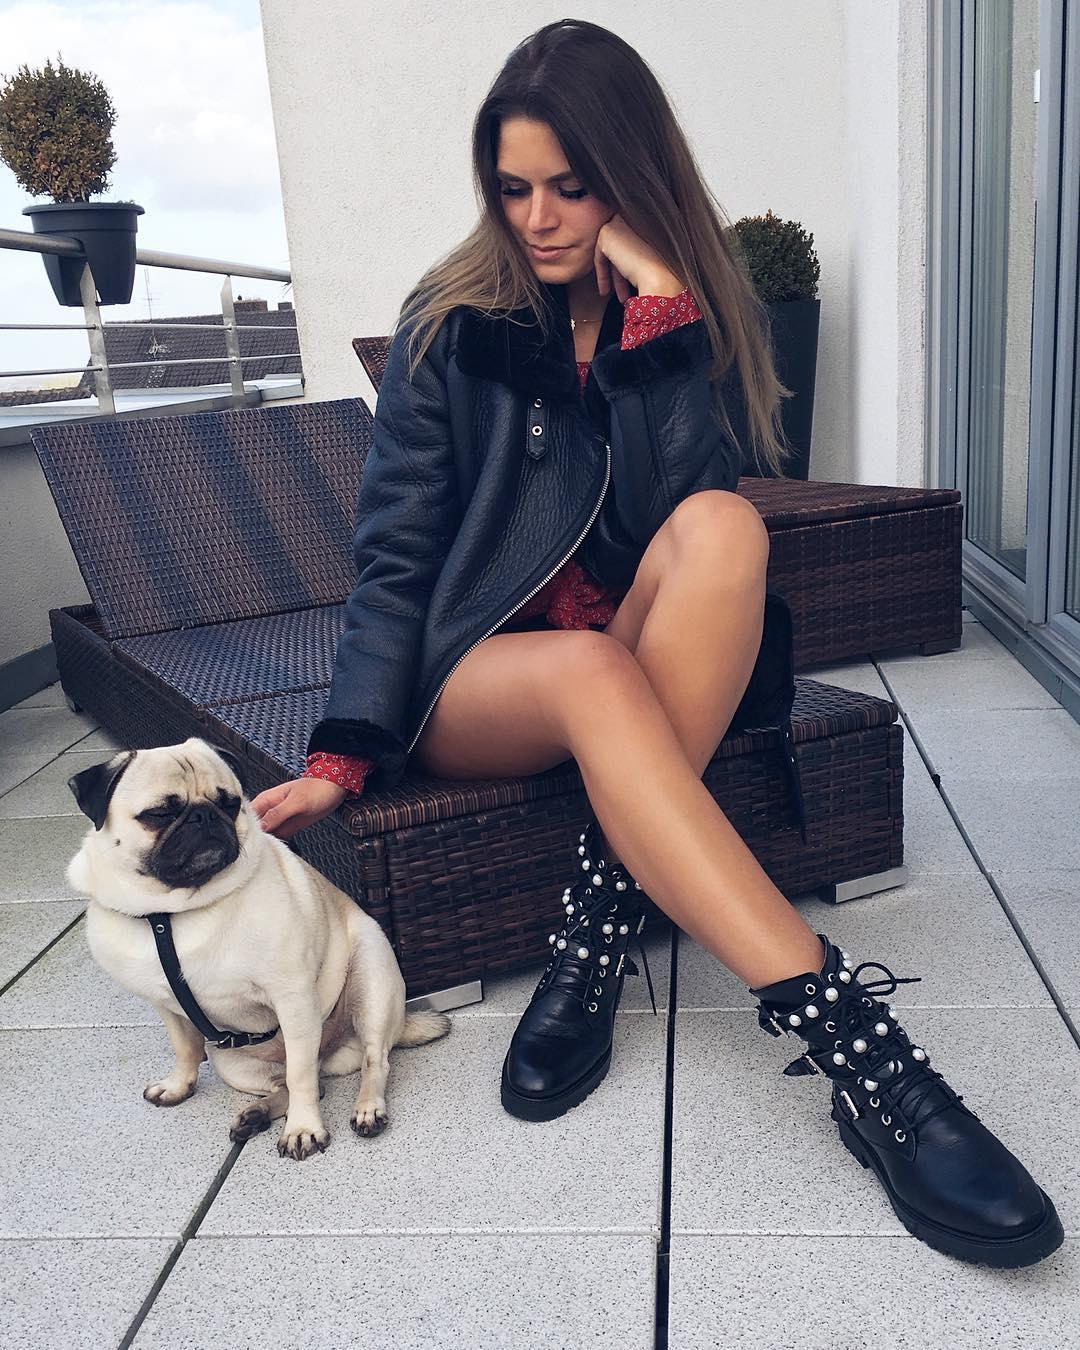 Đôi boots vừa bụi vừa sang chảnh công chúa này đang là món đồ hot nhất của Zara, tưởng chừng cả Instagram đều đang diện nó - Ảnh 12.